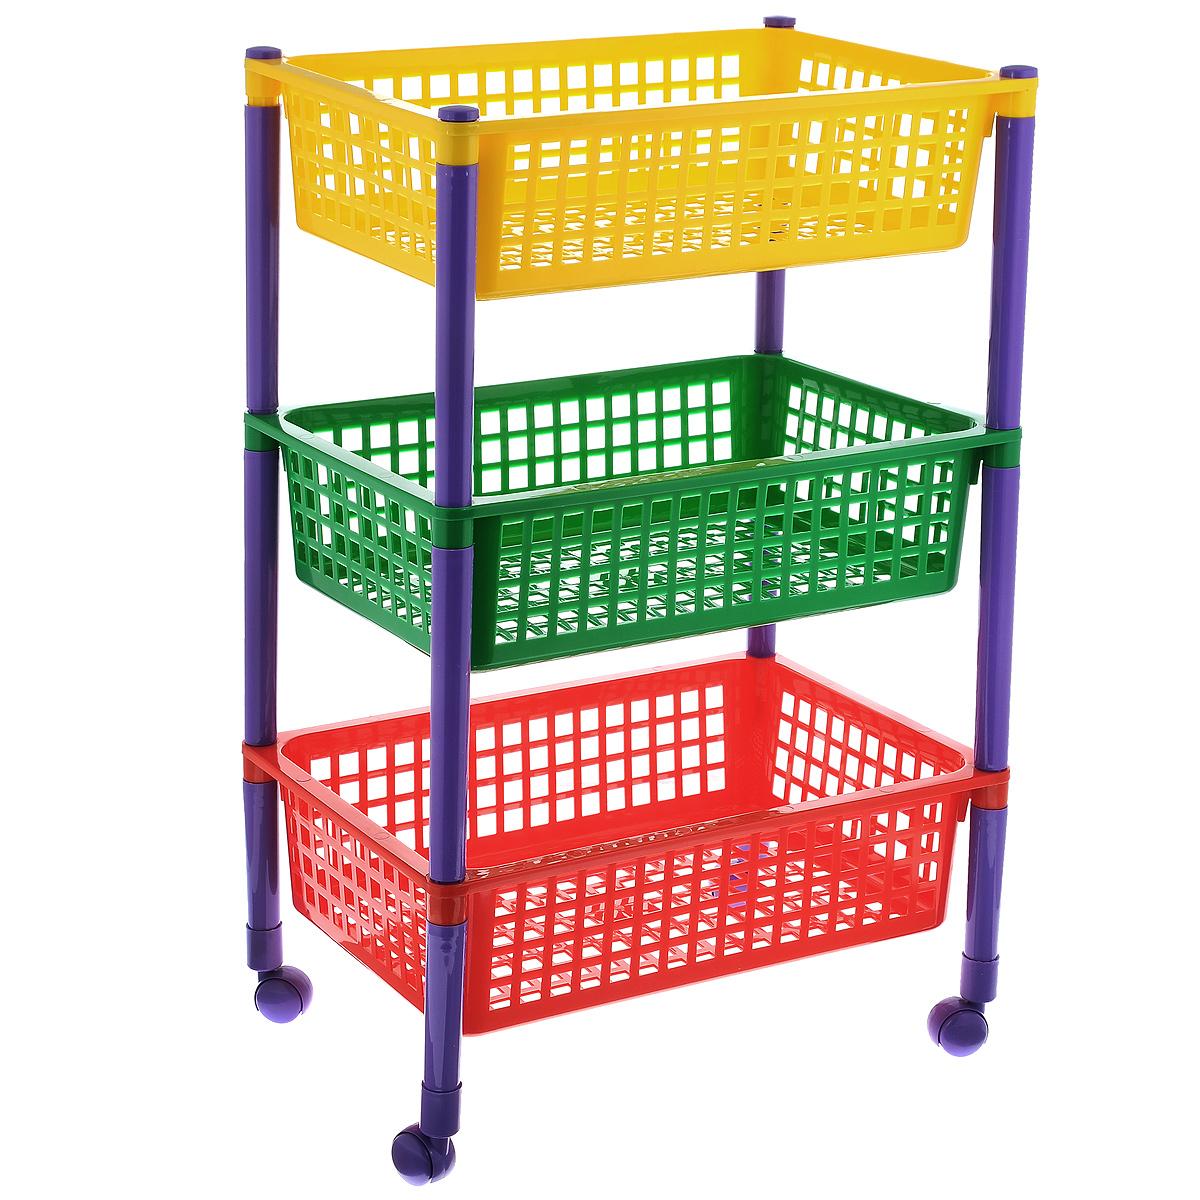 """Контейнер """"Малыш"""", выполненный из высококачественного пластика, предназначен для хранения игрушек. Контейнер состоит из трех перфорированных секций разного цвета. Вместительные полки позволят компактно хранить детские игрушки, а также защитят их от пыли, грязи и влаги. Контейнер оснащен колесиками, поэтому его очень легко двигать.  Размер в сложенном виде: 44 см х 31 см х 20 см. Размер в собранном виде: 44 см x 31 см x 70 см. Размер корзинки: 44 см x 31 см x 12 см."""